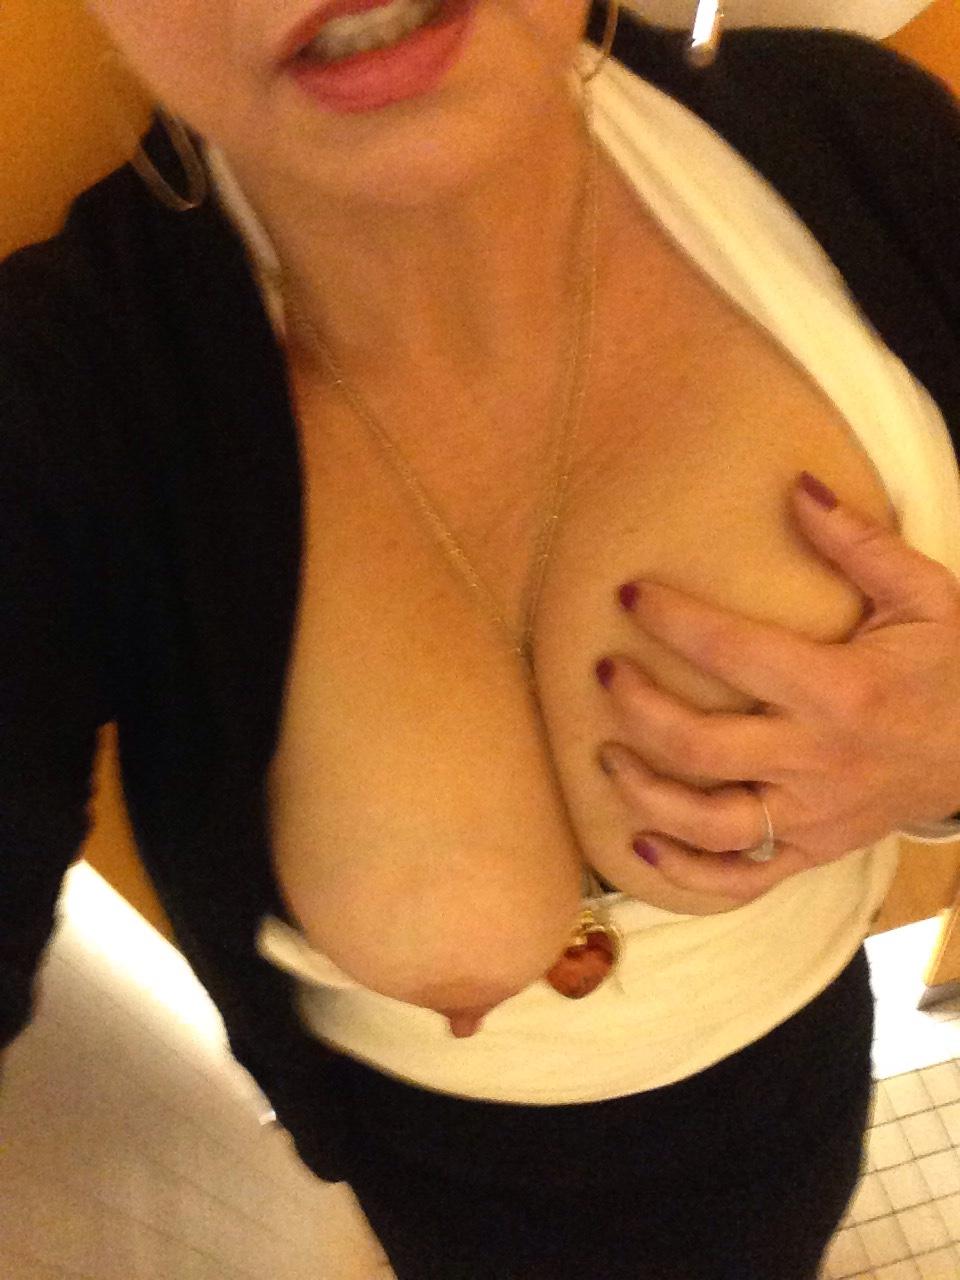 maman nue en photo sexe  108